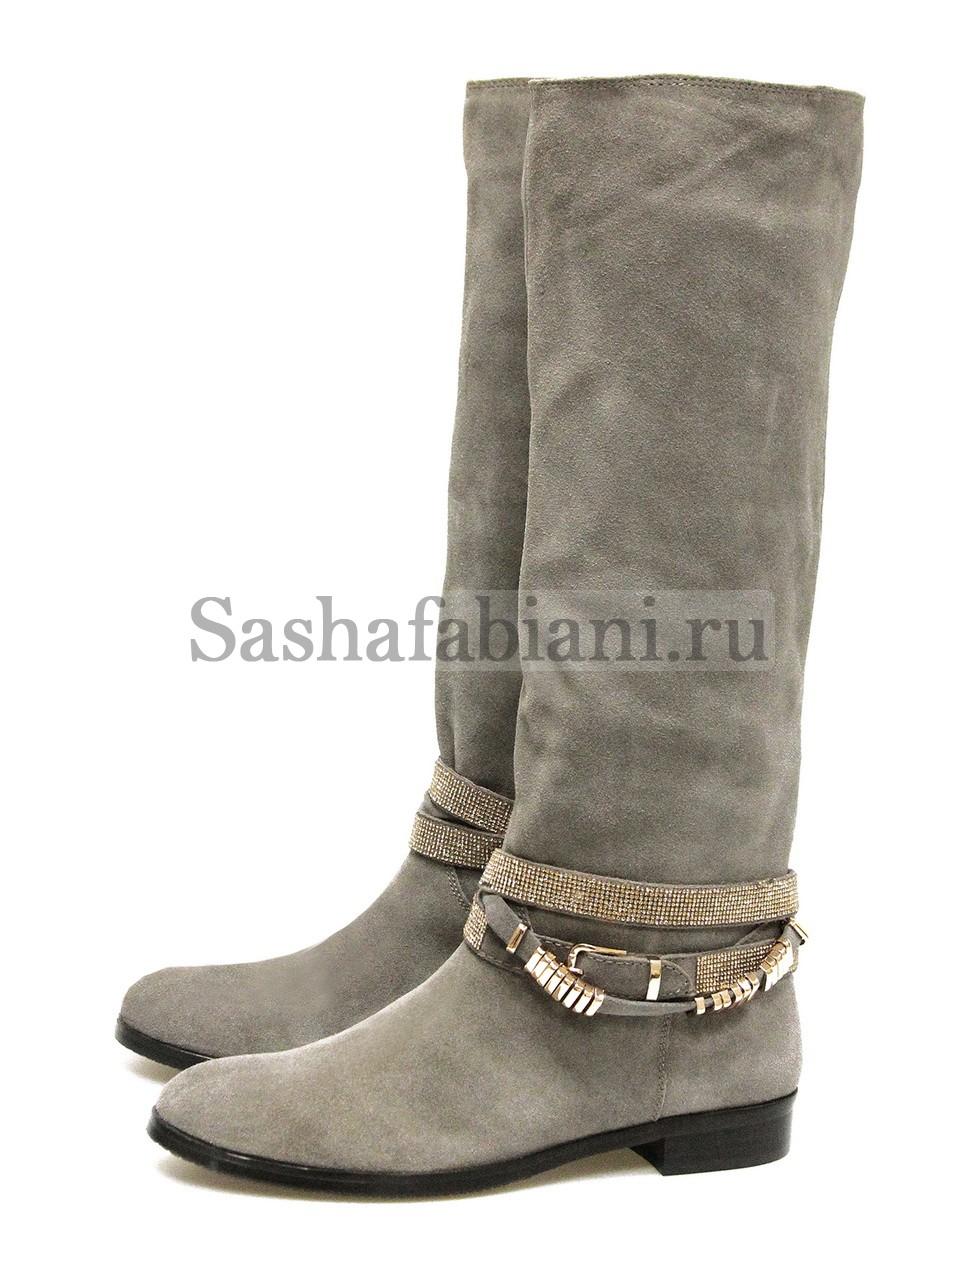 Сбор заказов. Шикарная обувь итальянской ТМ Sasha Fabiani,D Bigioni-5. Без рядов!